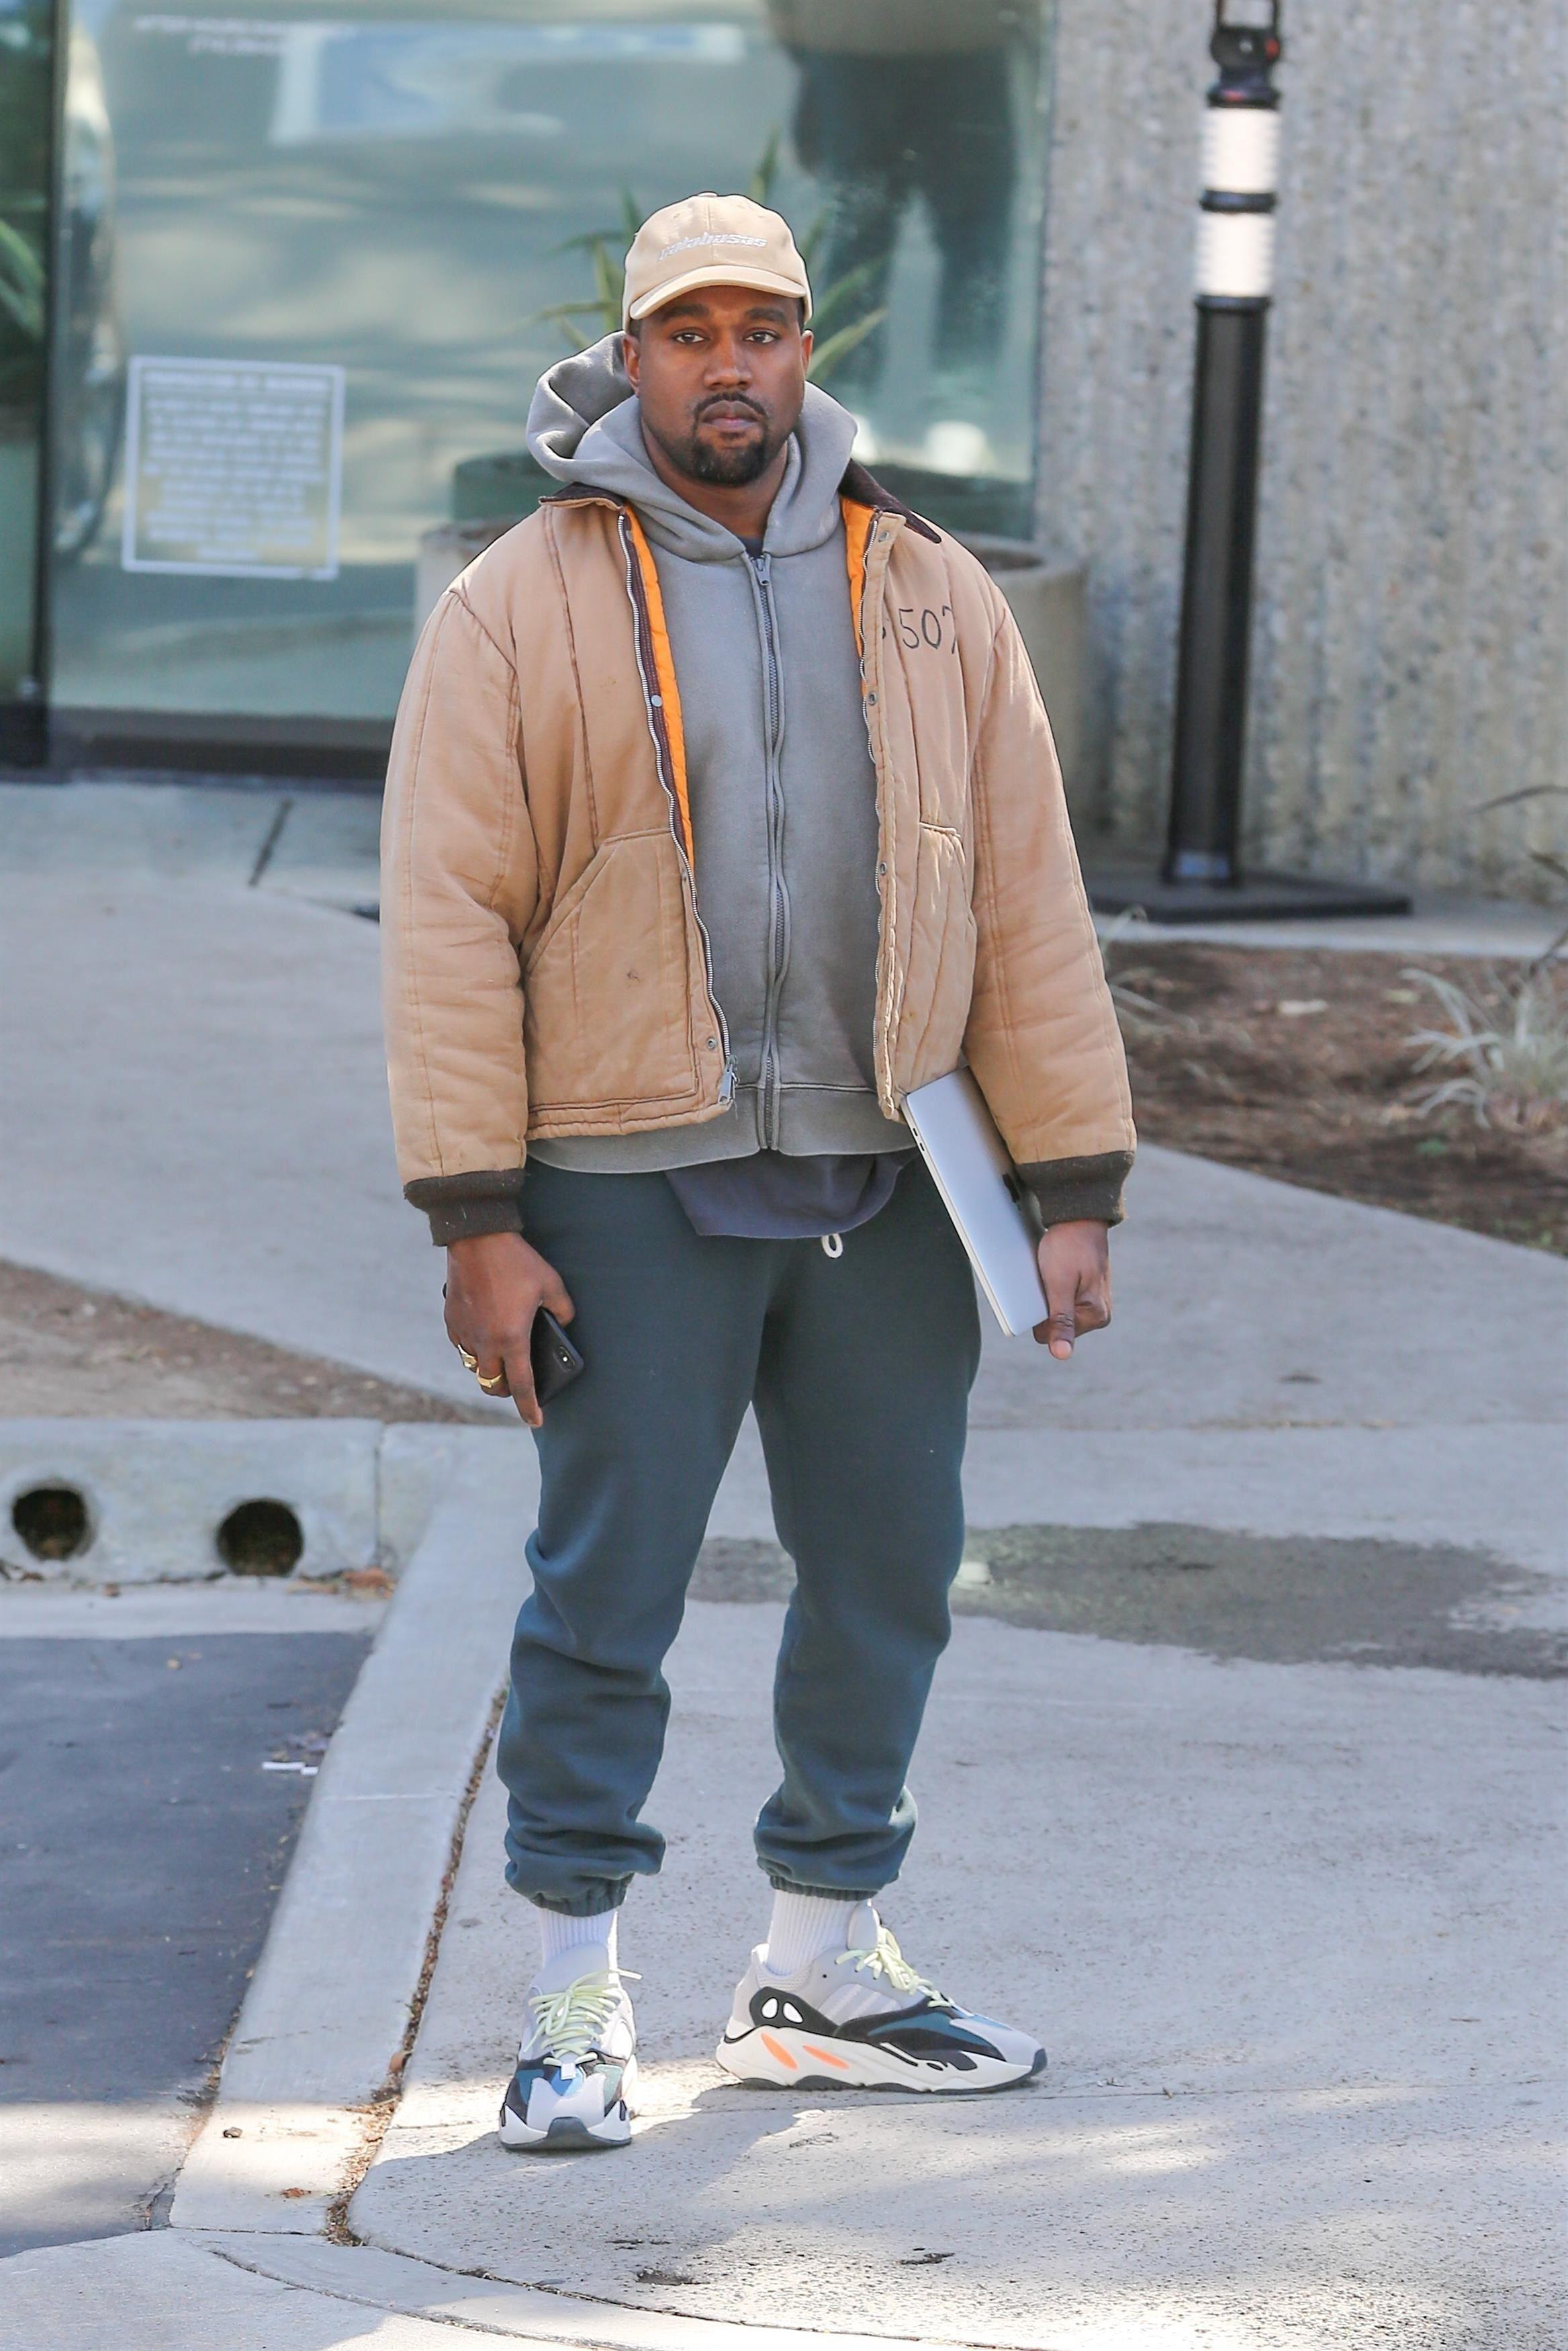 Kanye West wearing Yeezy Season 5 Calabasas Hat, Adidas